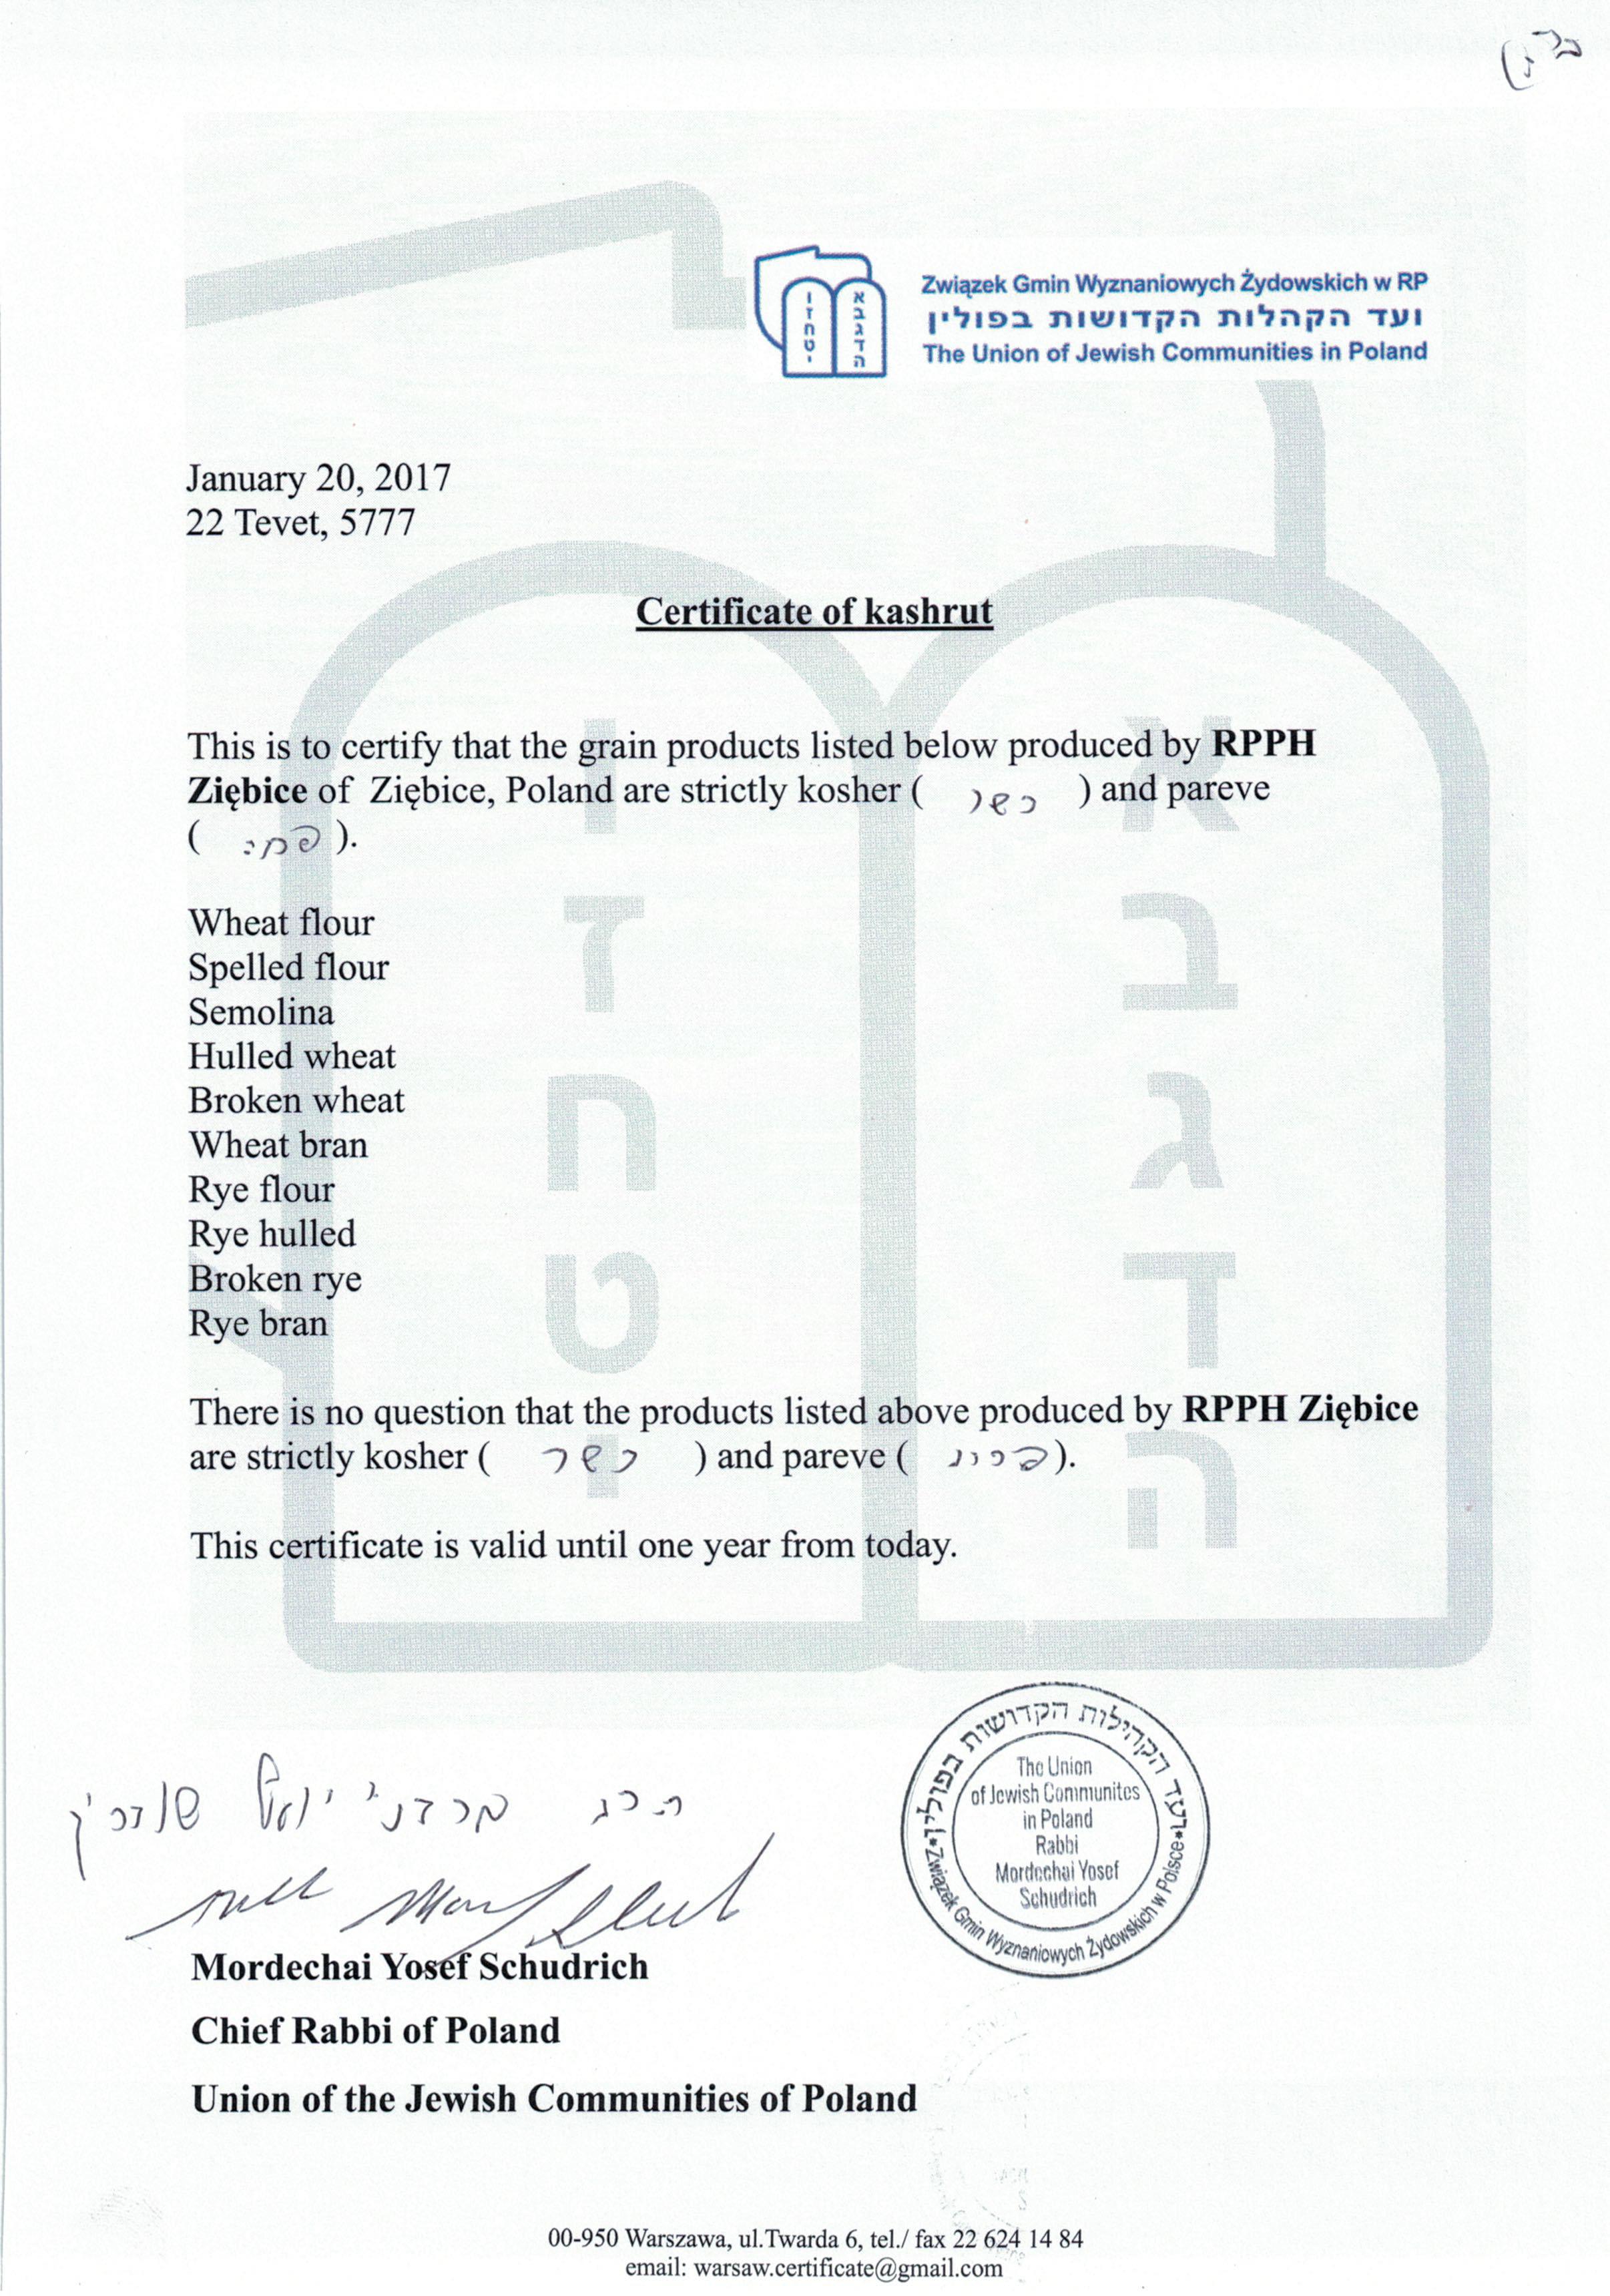 Certyfikat koszerności